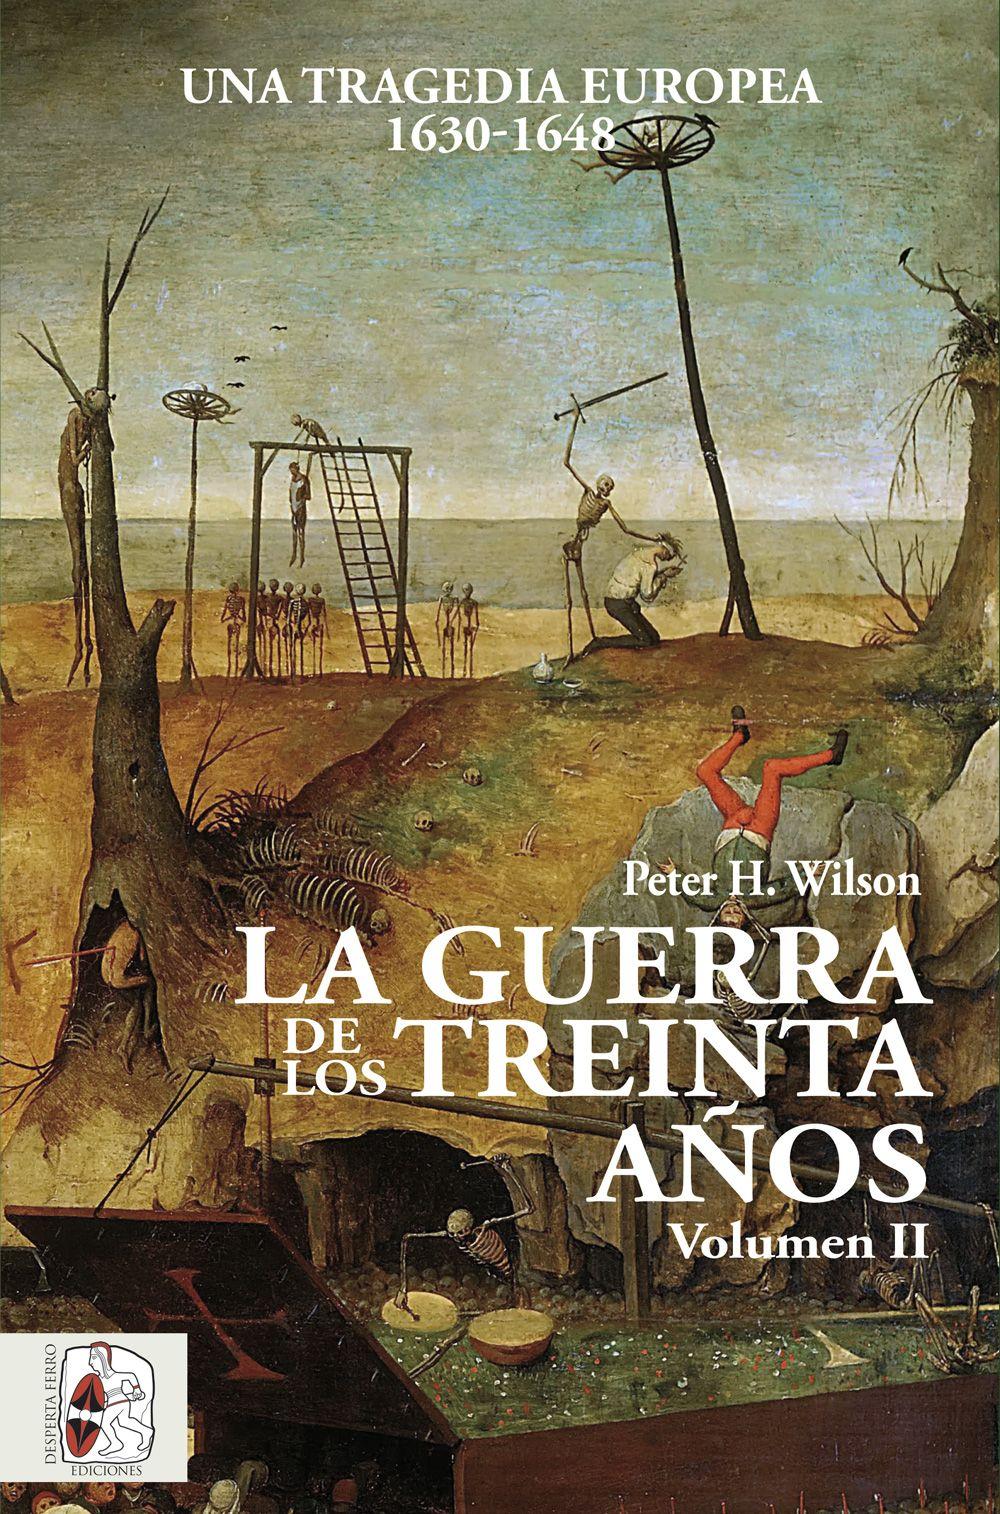 LA GUERRA DE LOS TREINTA AÑOS. VOLUMEN I - Peter H. Wilson